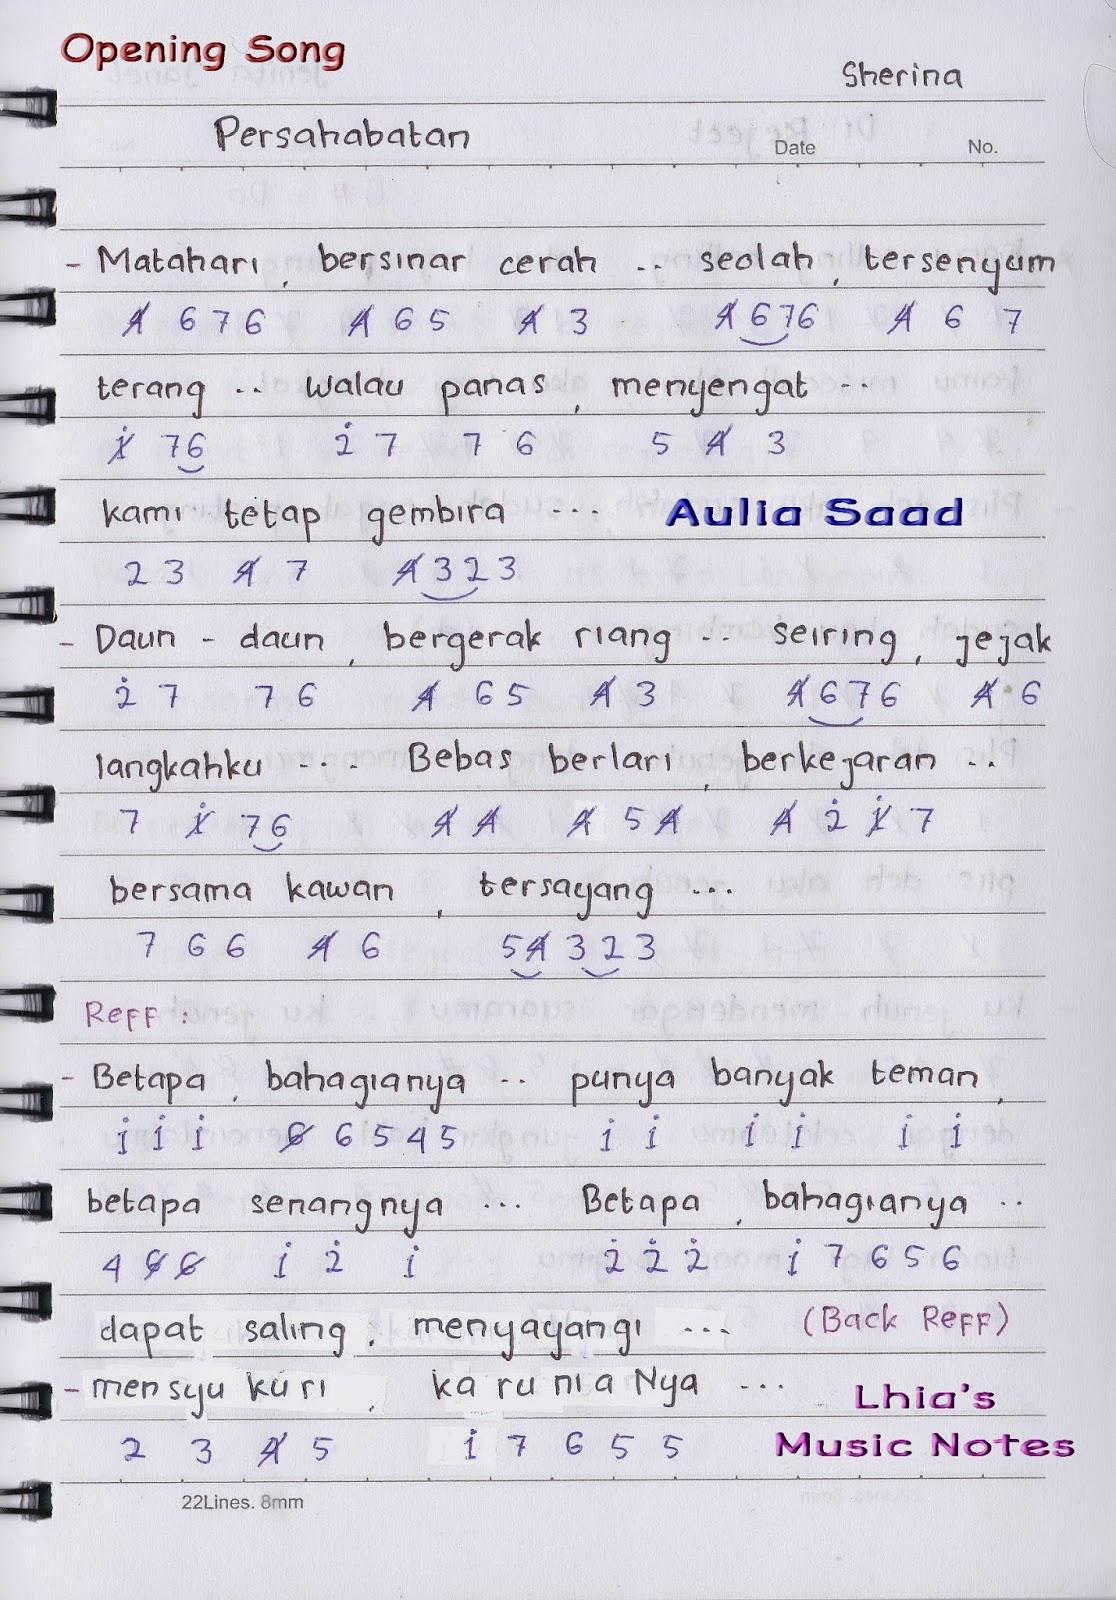 Not Angka Ost Petualangan Sherina Lhia S Music Notes